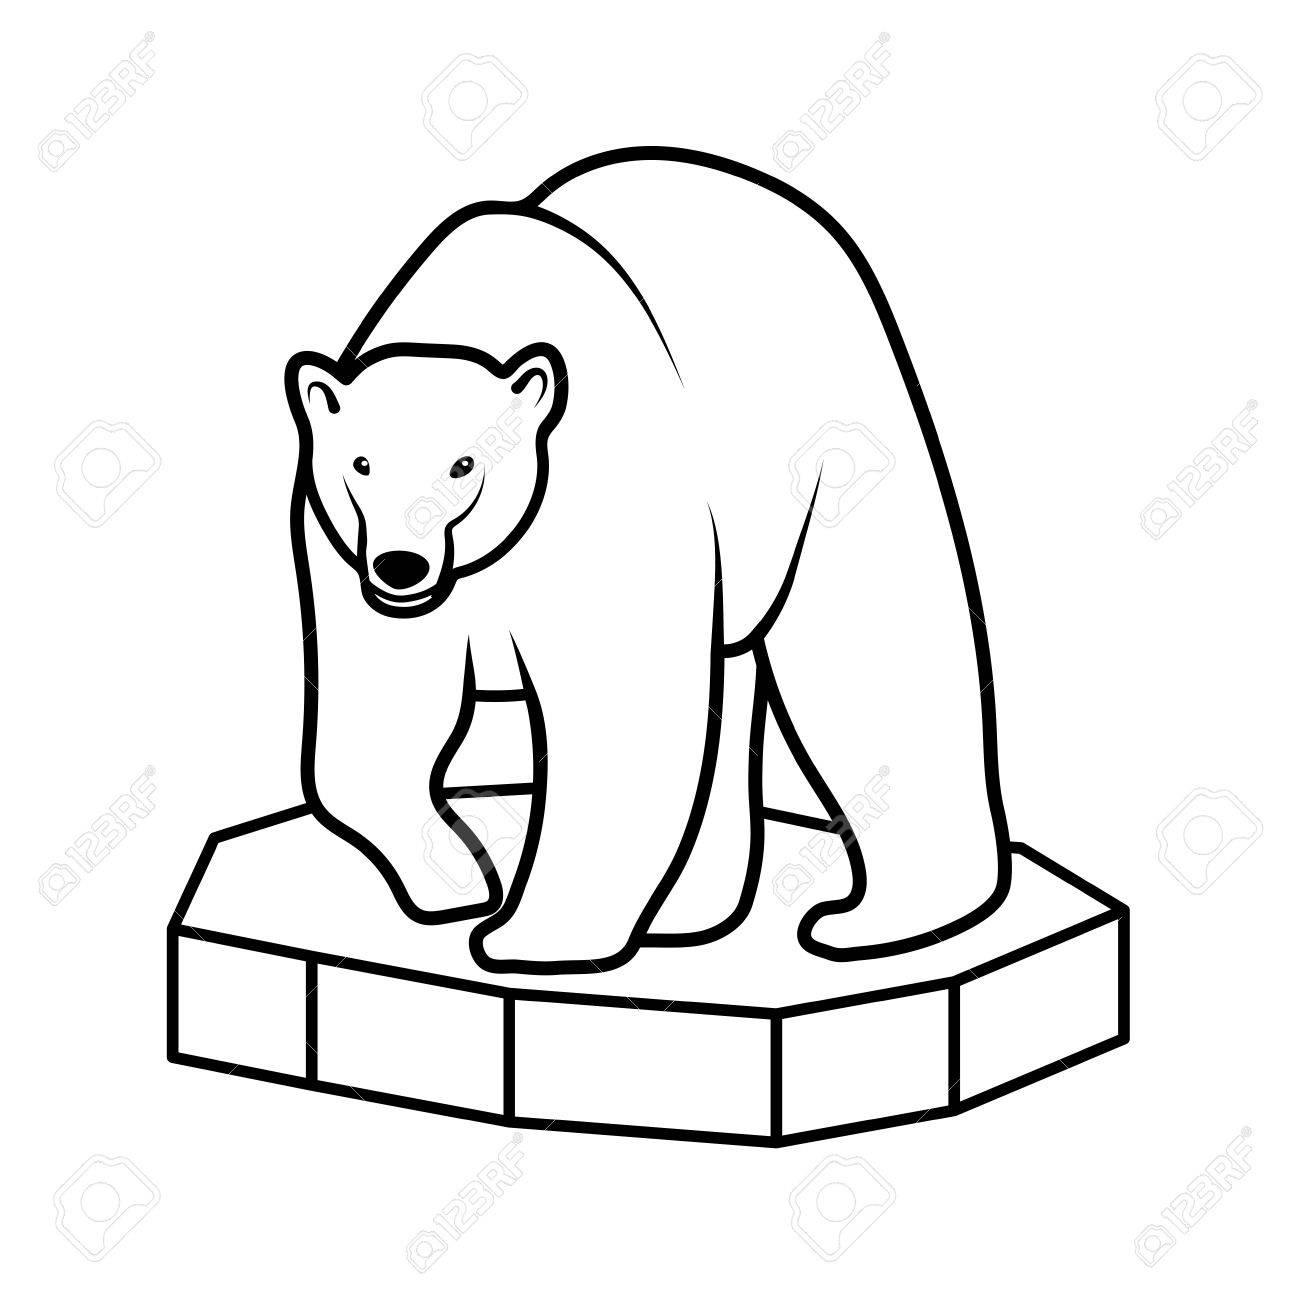 polar bear on an ice floe royalty free cliparts vectors and